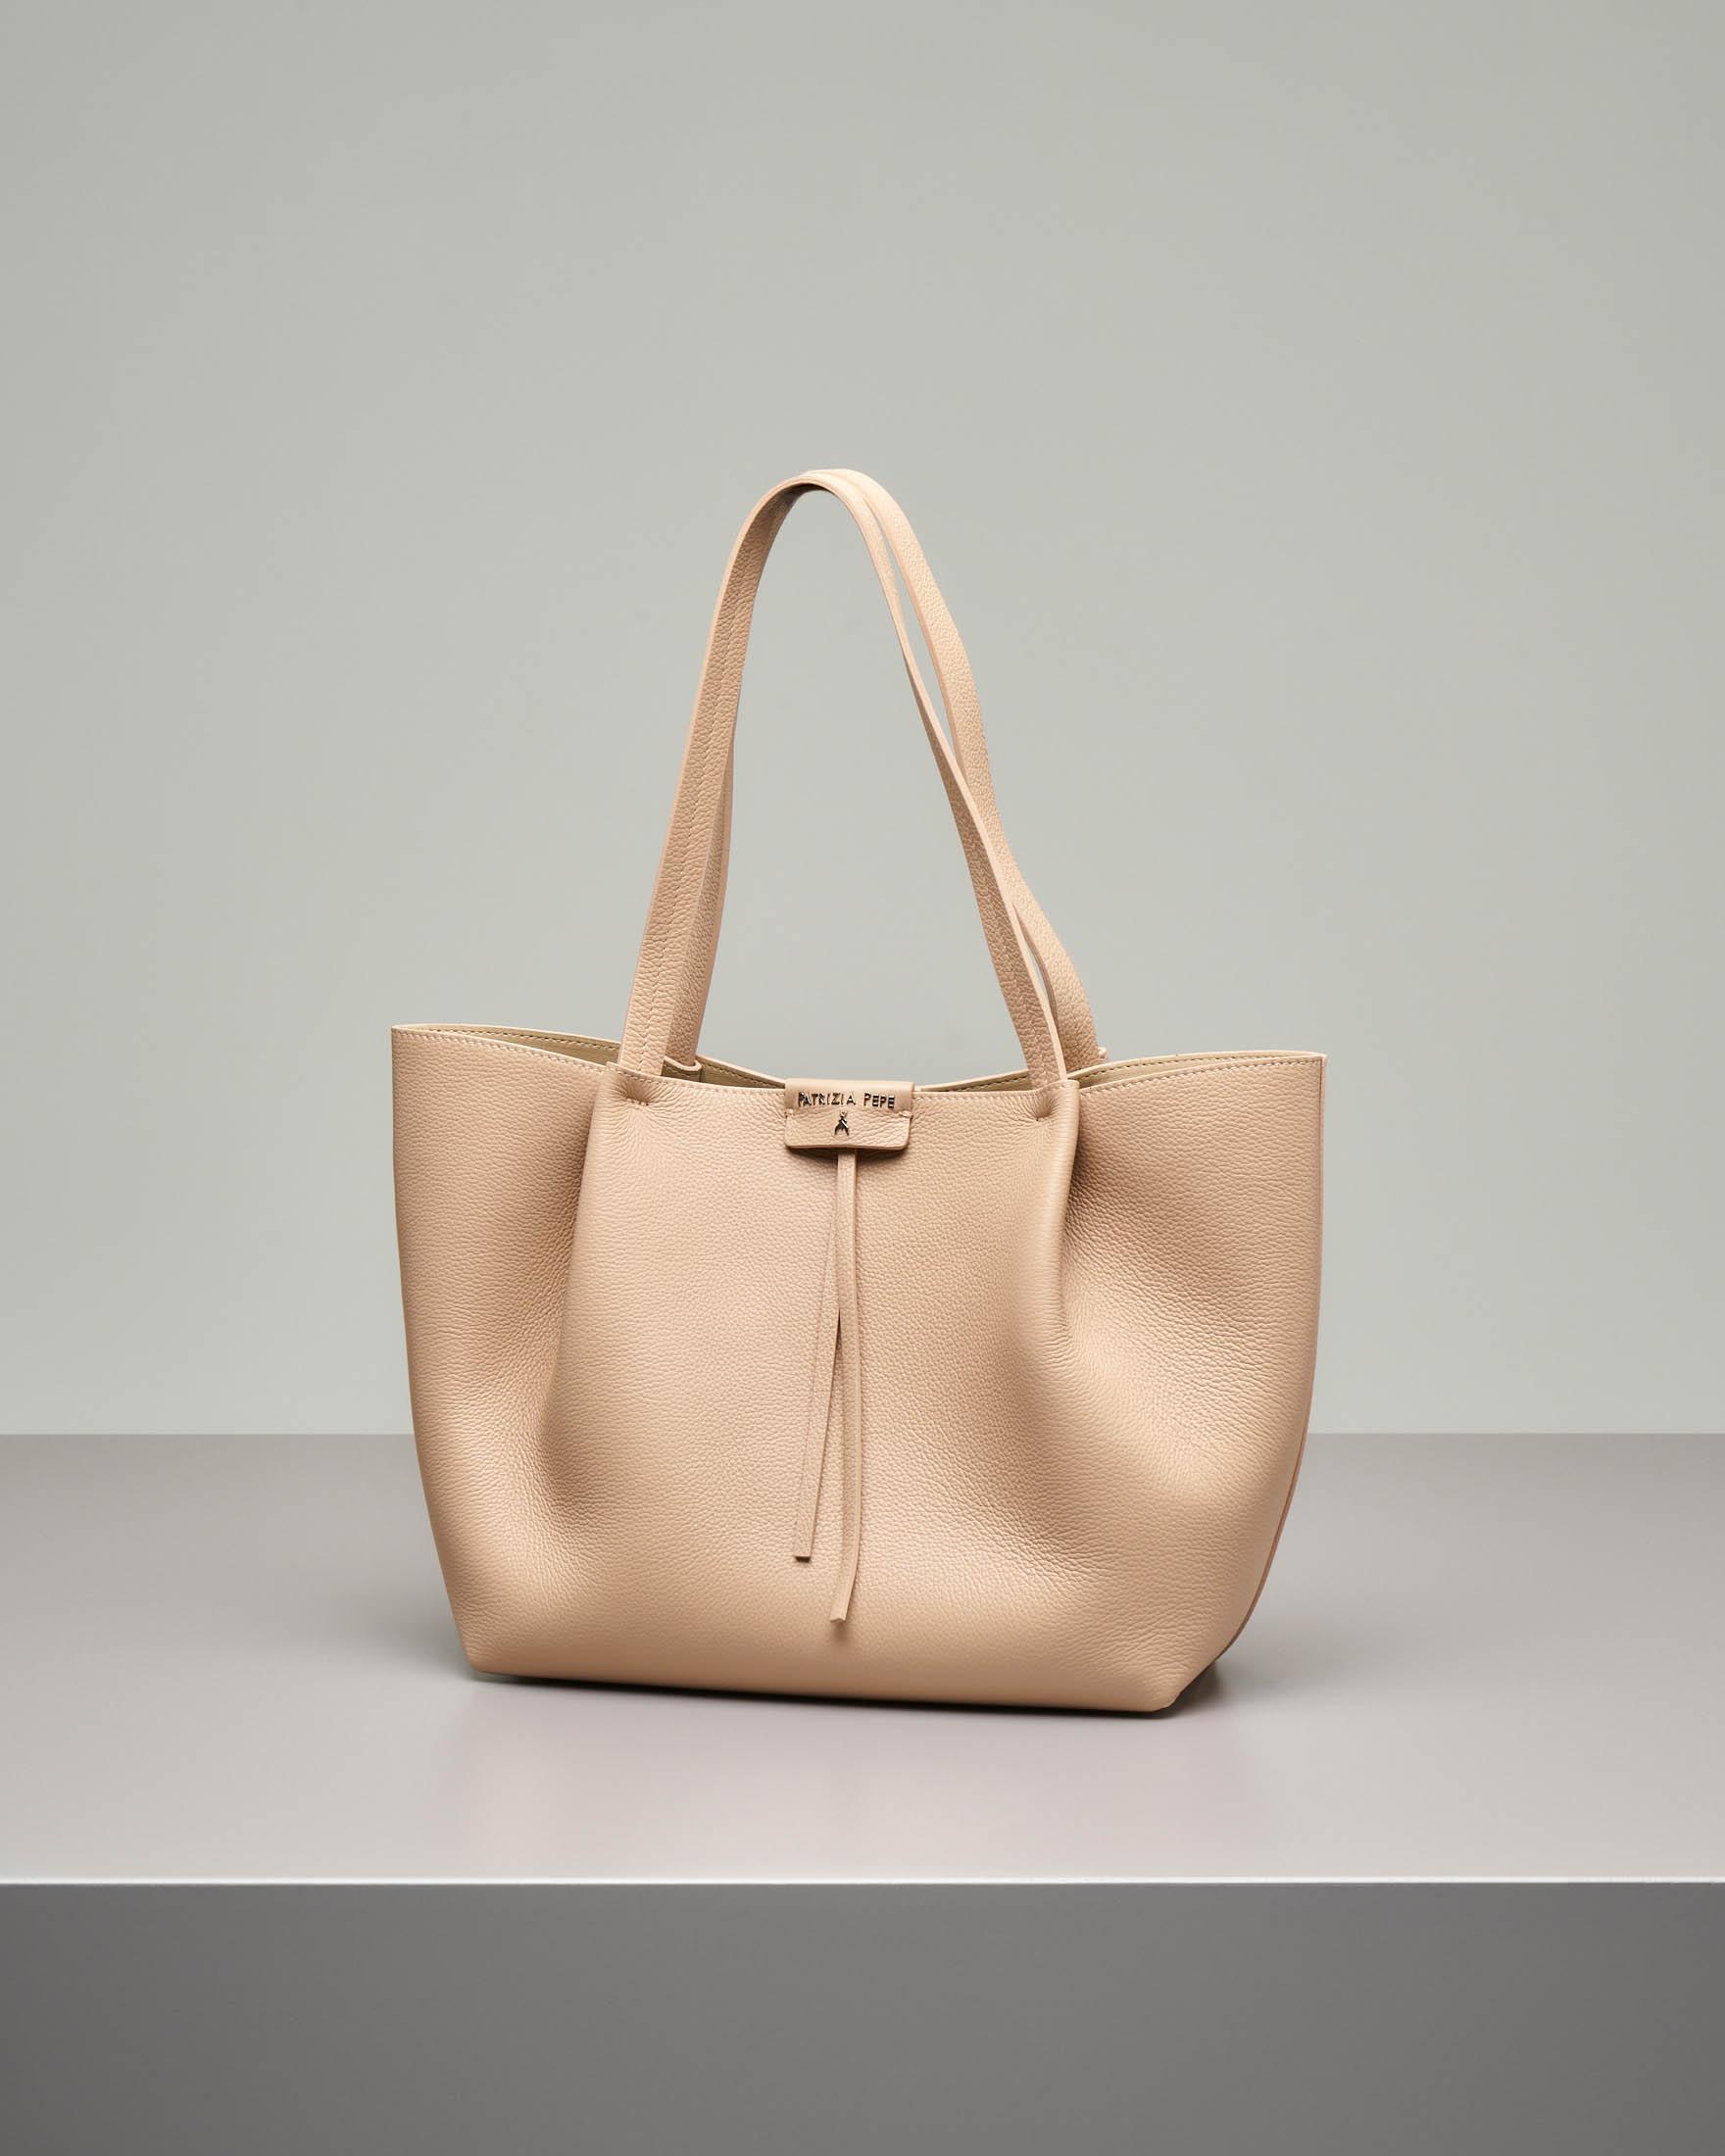 Shopping bag in pelle di vitello martellata color beige con pochette interna